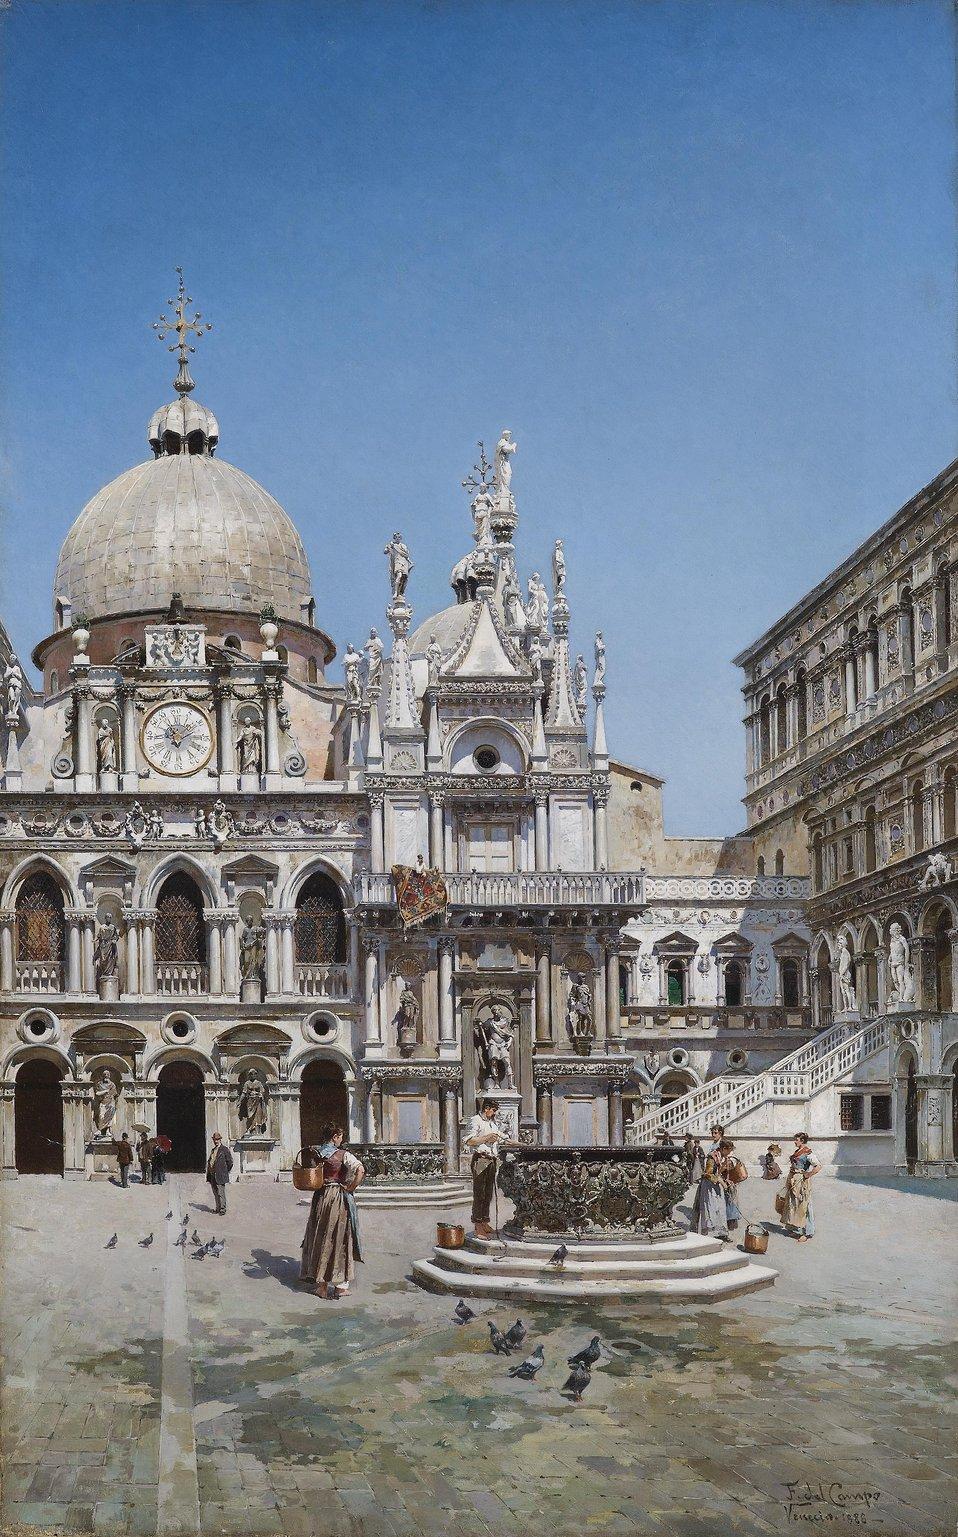 Innenhof des Palazzo Ducale in Venedig, signiert, bezeichnet und datiert F. del Campo Venezia 1888, Öl auf Leinwand,95 x 60 cm